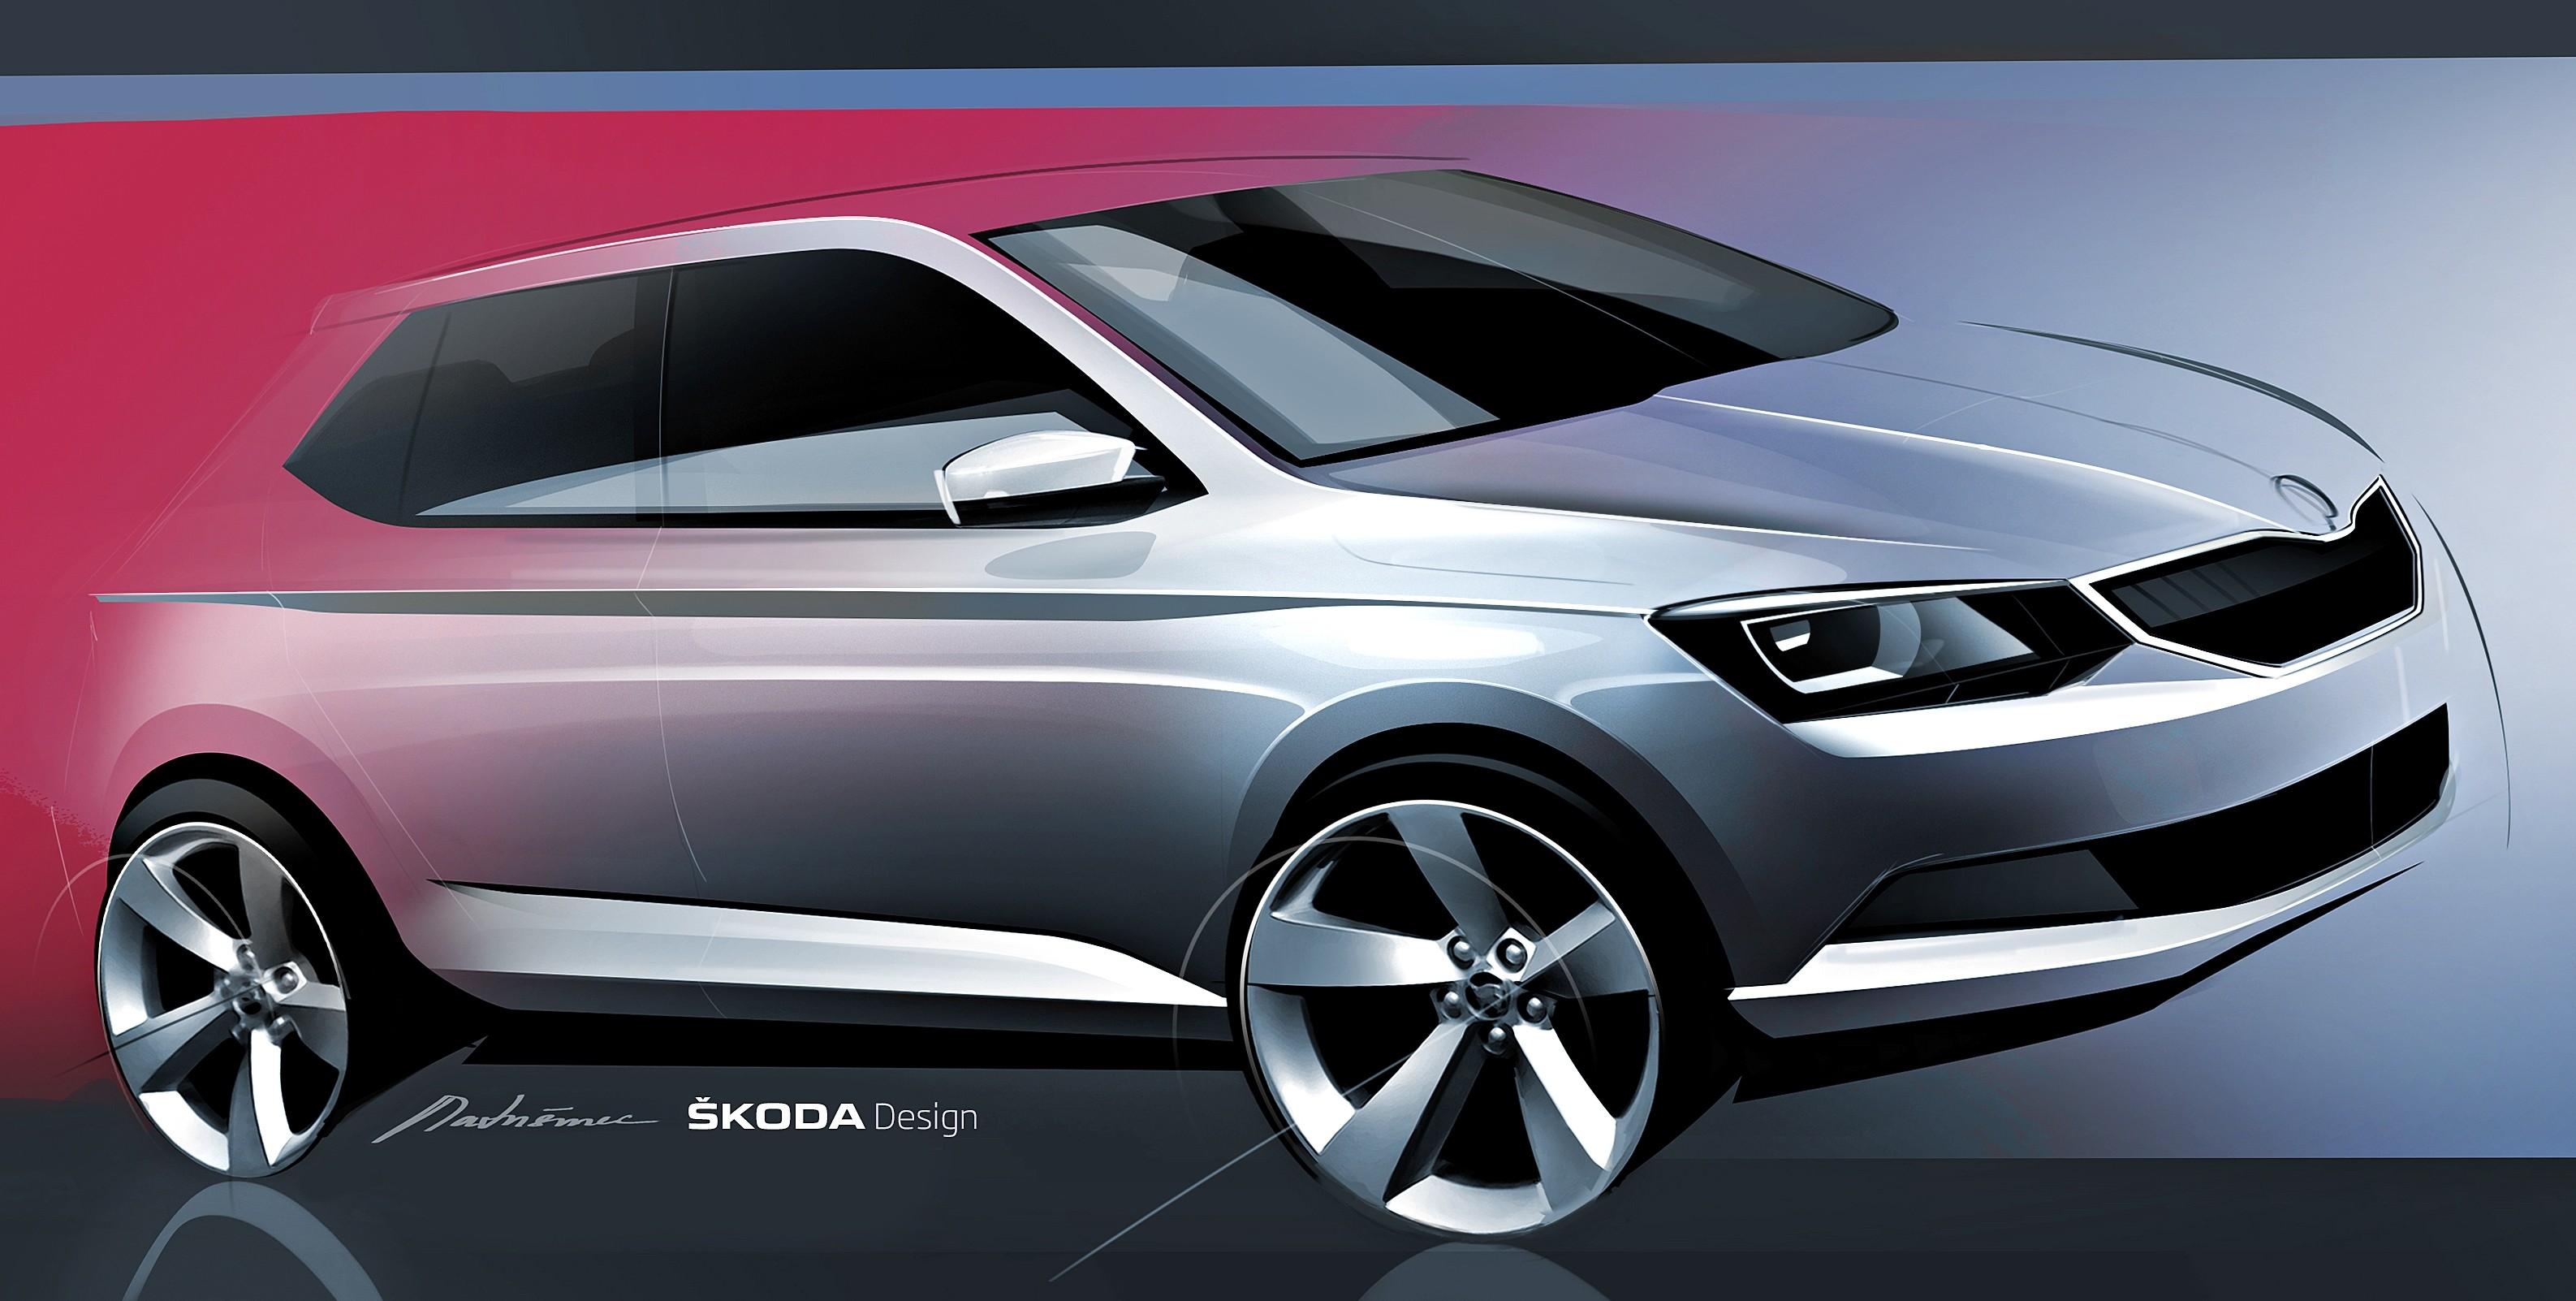 New Skoda Fabia Sketch